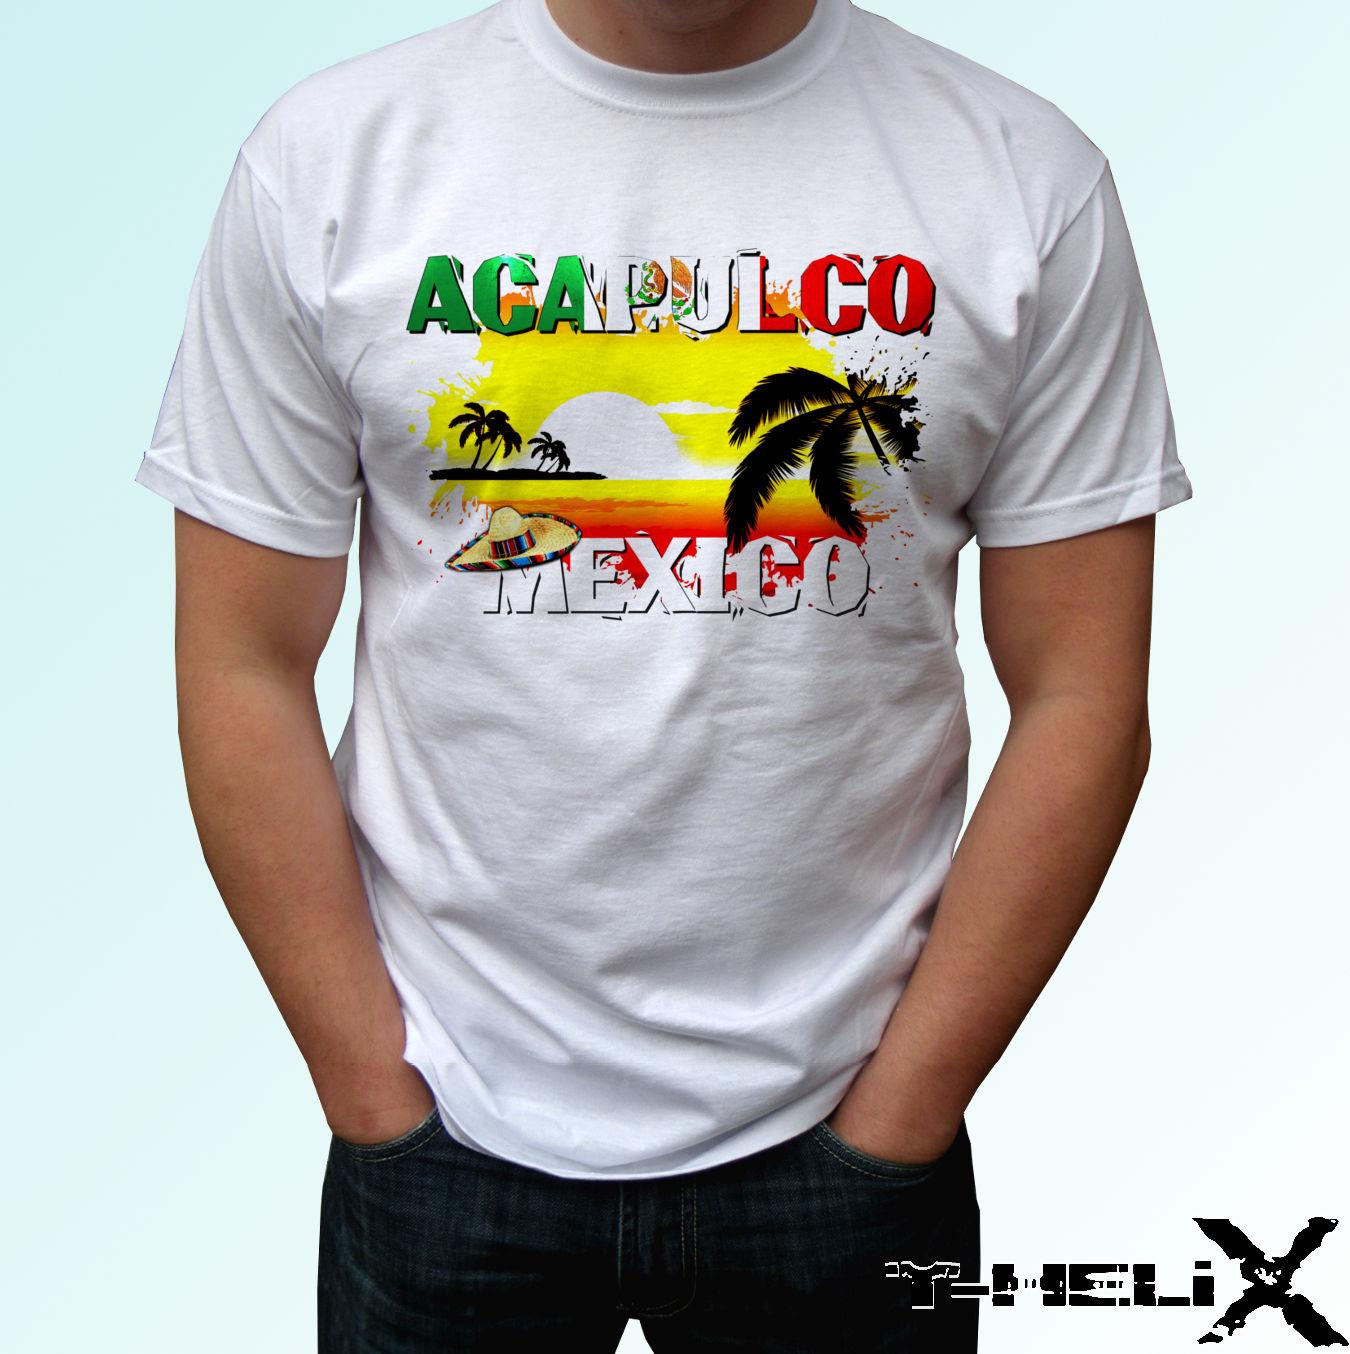 deccf94fb Compre Bandera De Acapulco Camiseta Blanca Top Diseño De México Hombres  Para Mujer Niños Tamaños De Bebés Ool Casual Pride Camiseta Hombres Unisex  A  10.66 ...